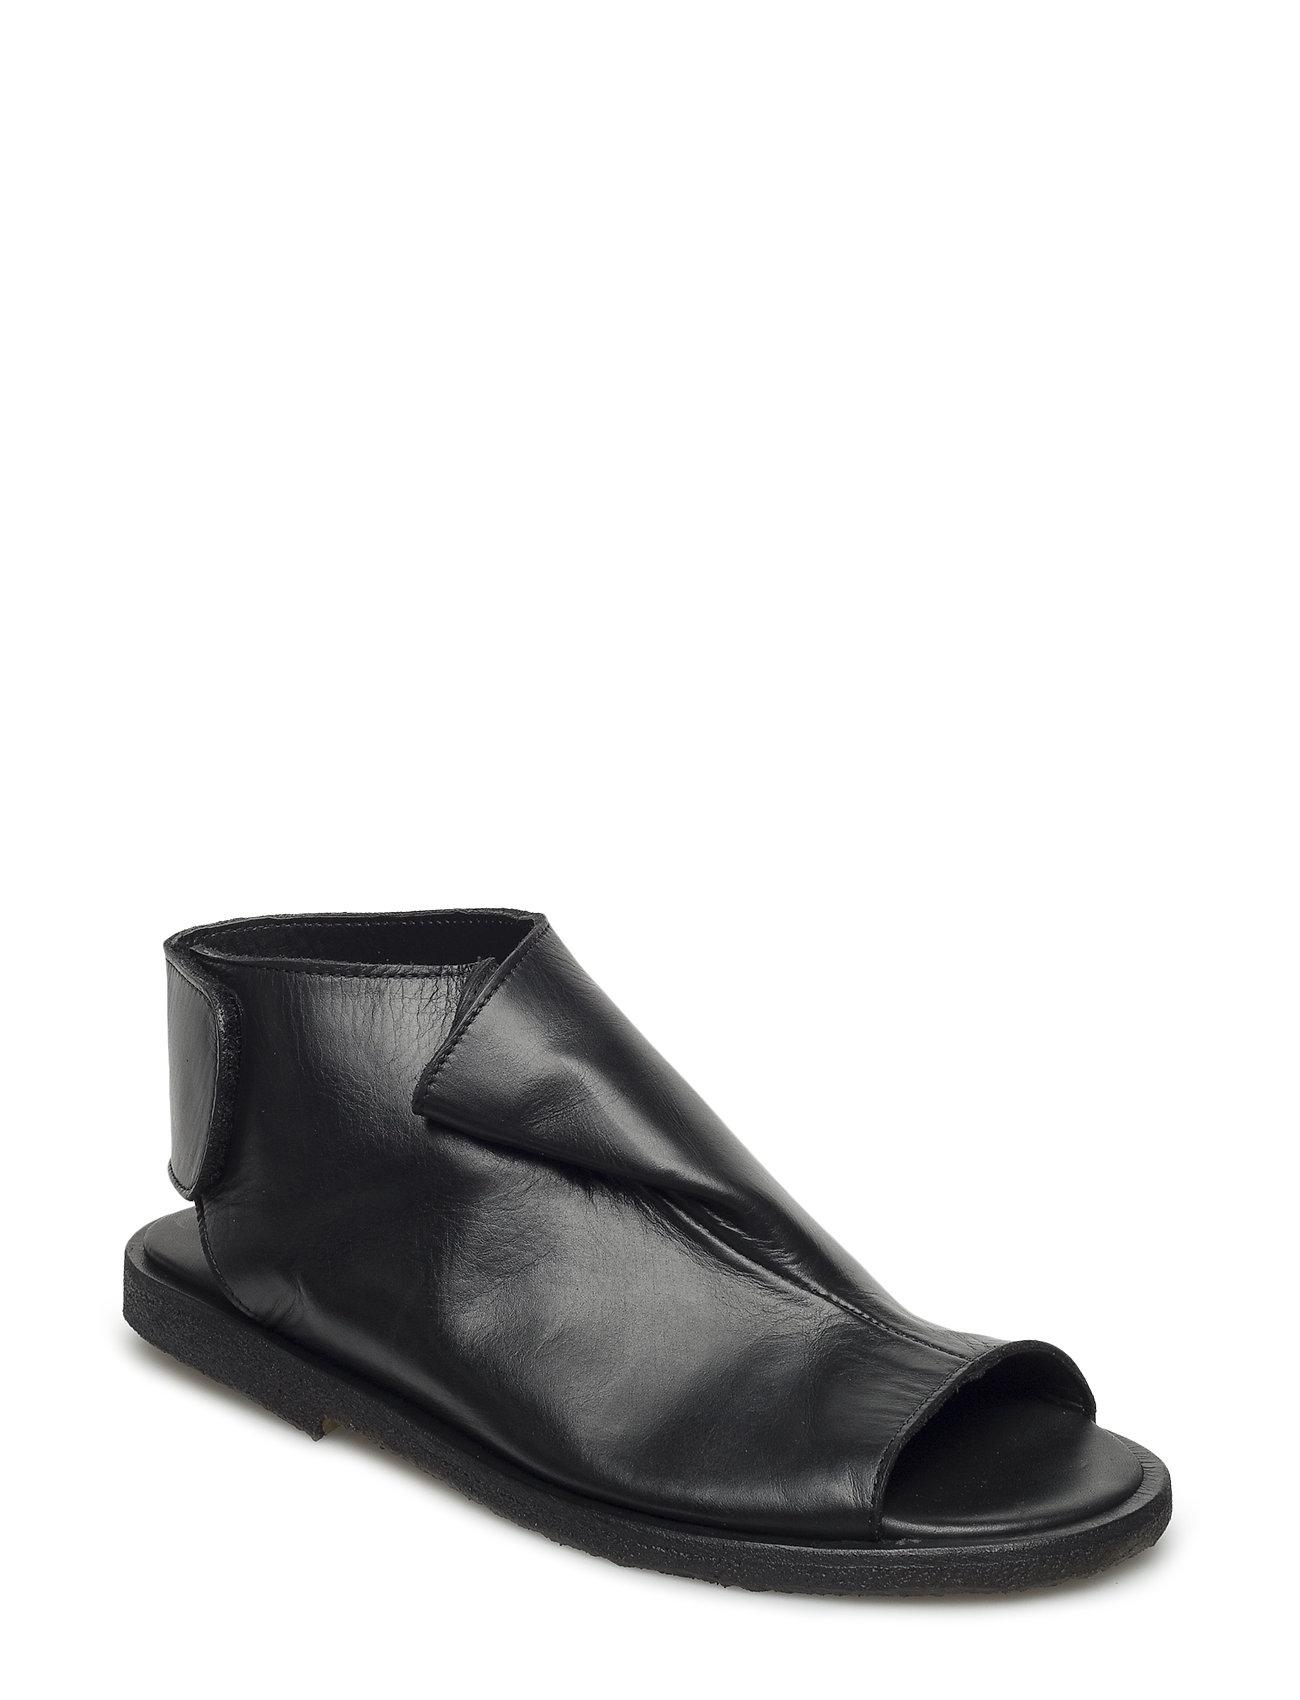 Draped Sandal With Velcro Closure ANGULUS Sandaler til Damer i